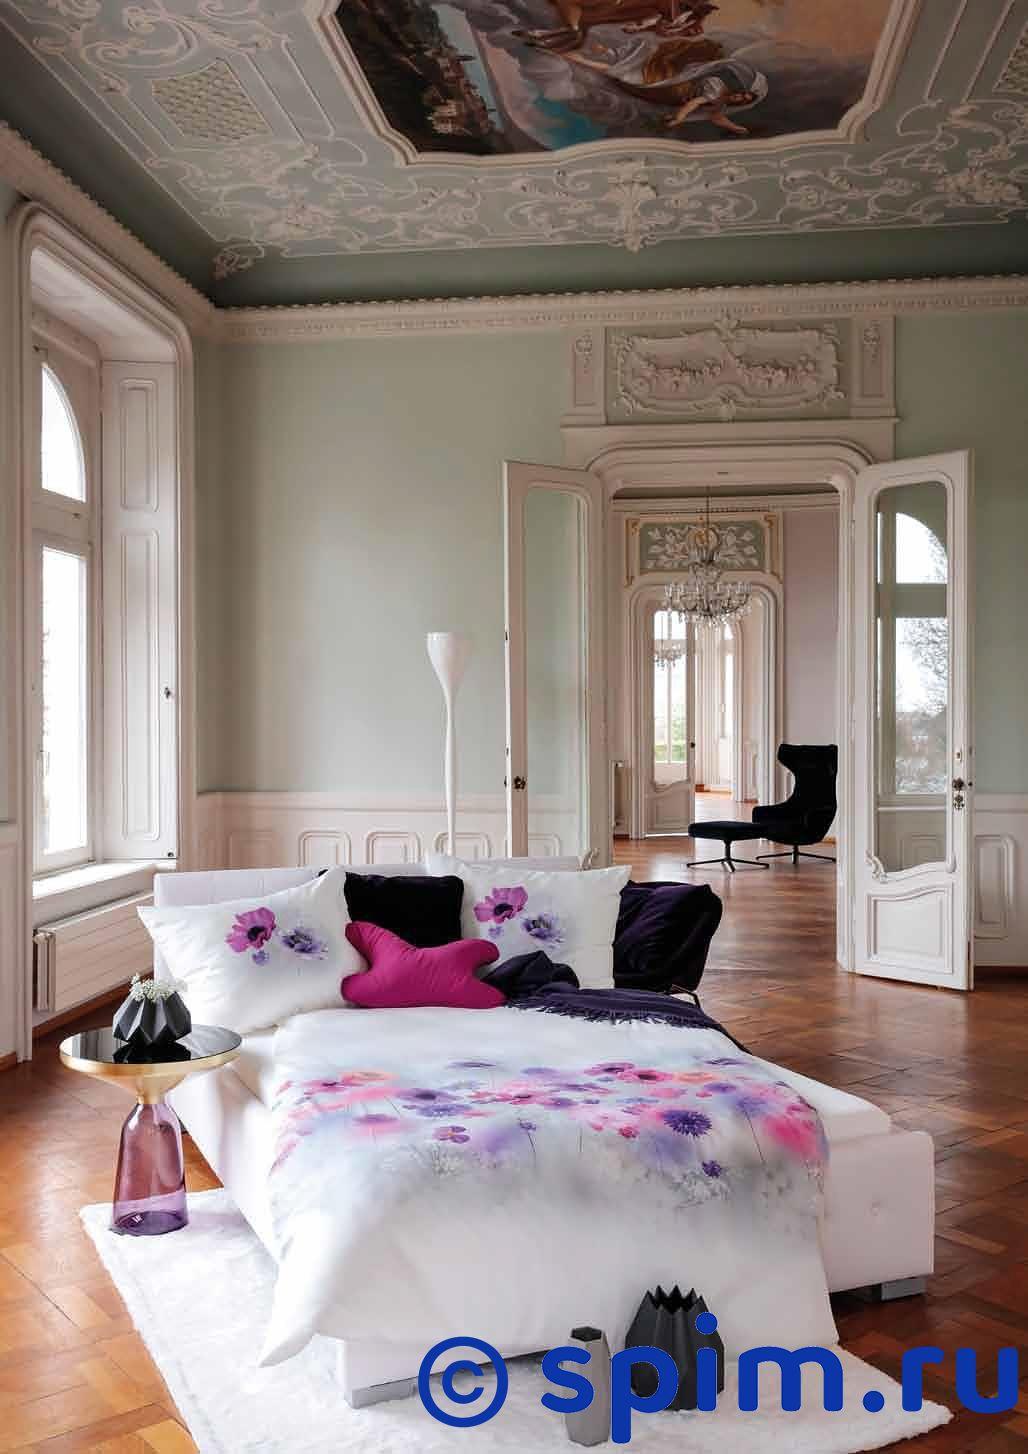 Постельное белье Johann Hefel La Belle 1.5 спальное постельное белье johann hefel uni евро стандарт